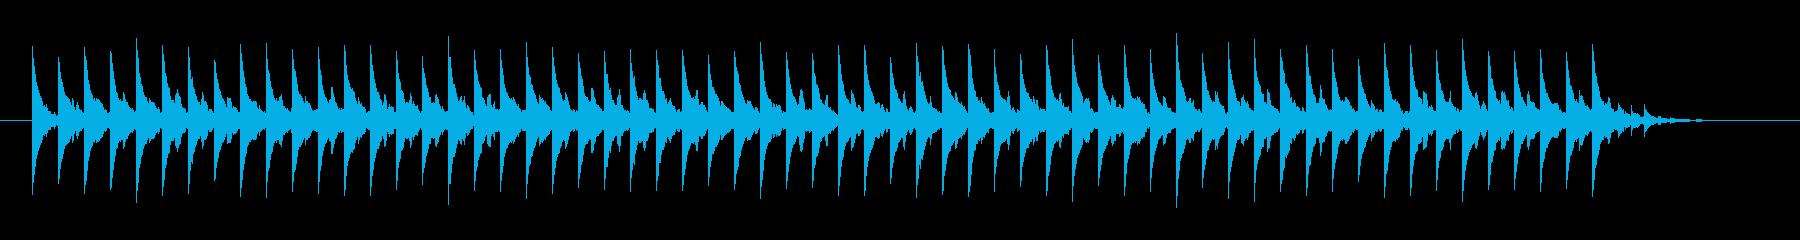 安らぐ鉄琴のジングル【リラックス・眠気】の再生済みの波形